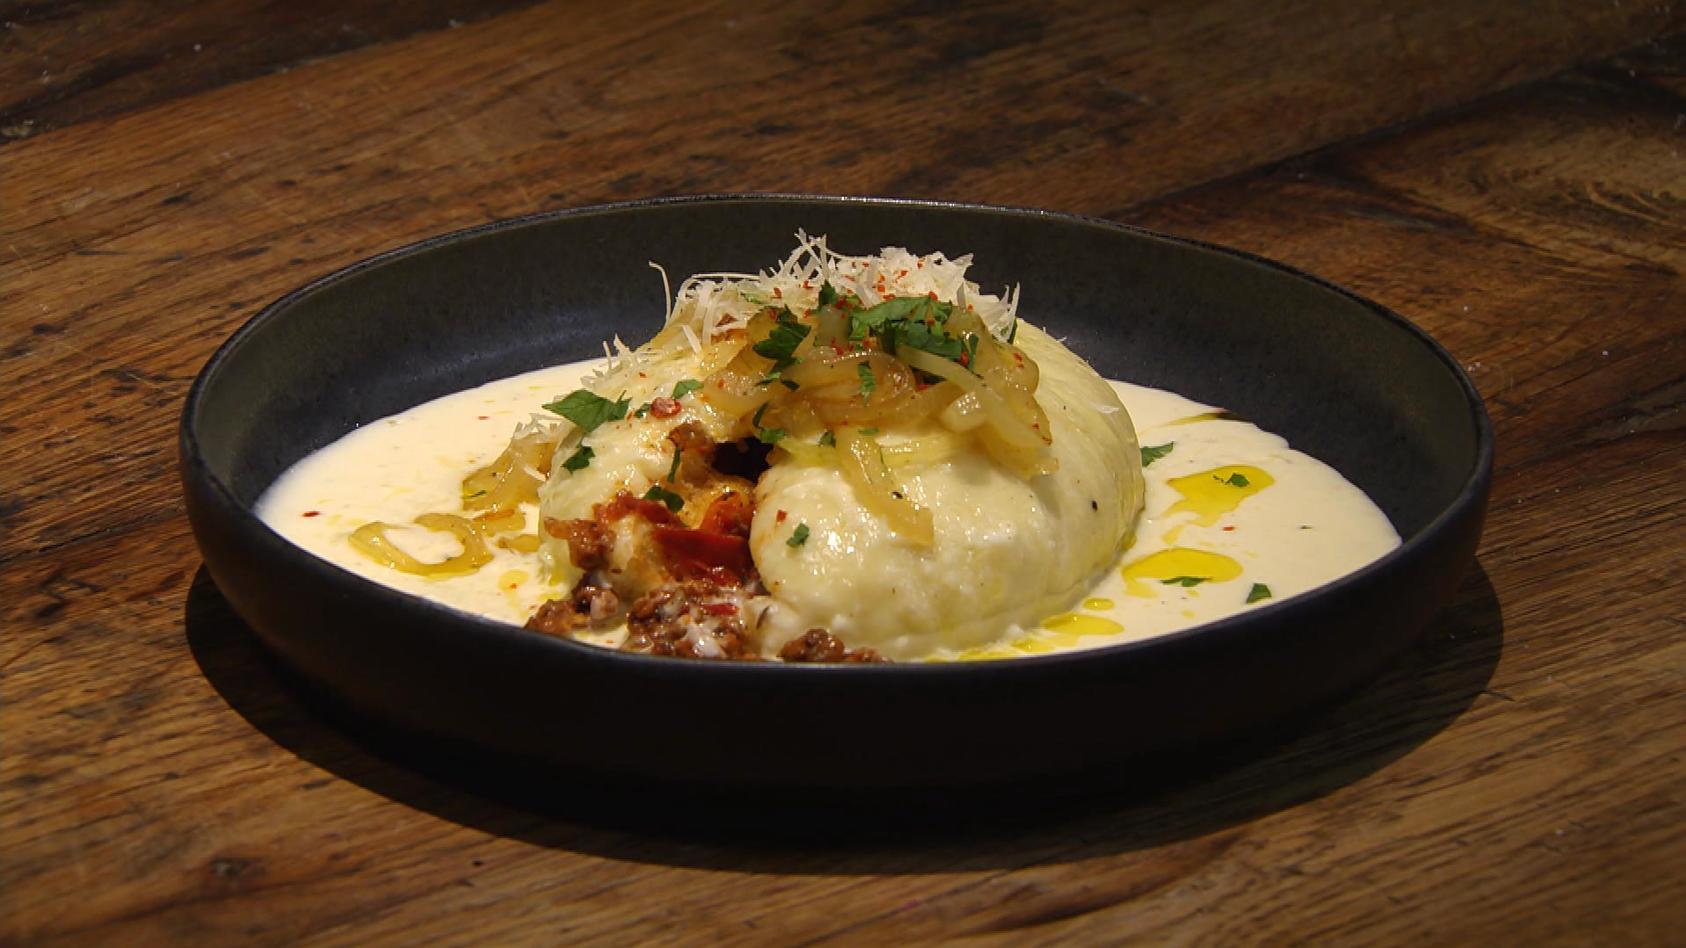 Ab in den Urlaub! Kulinarische Grüße aus Österreich: Herzhafte Germknödel mit Käsesauce